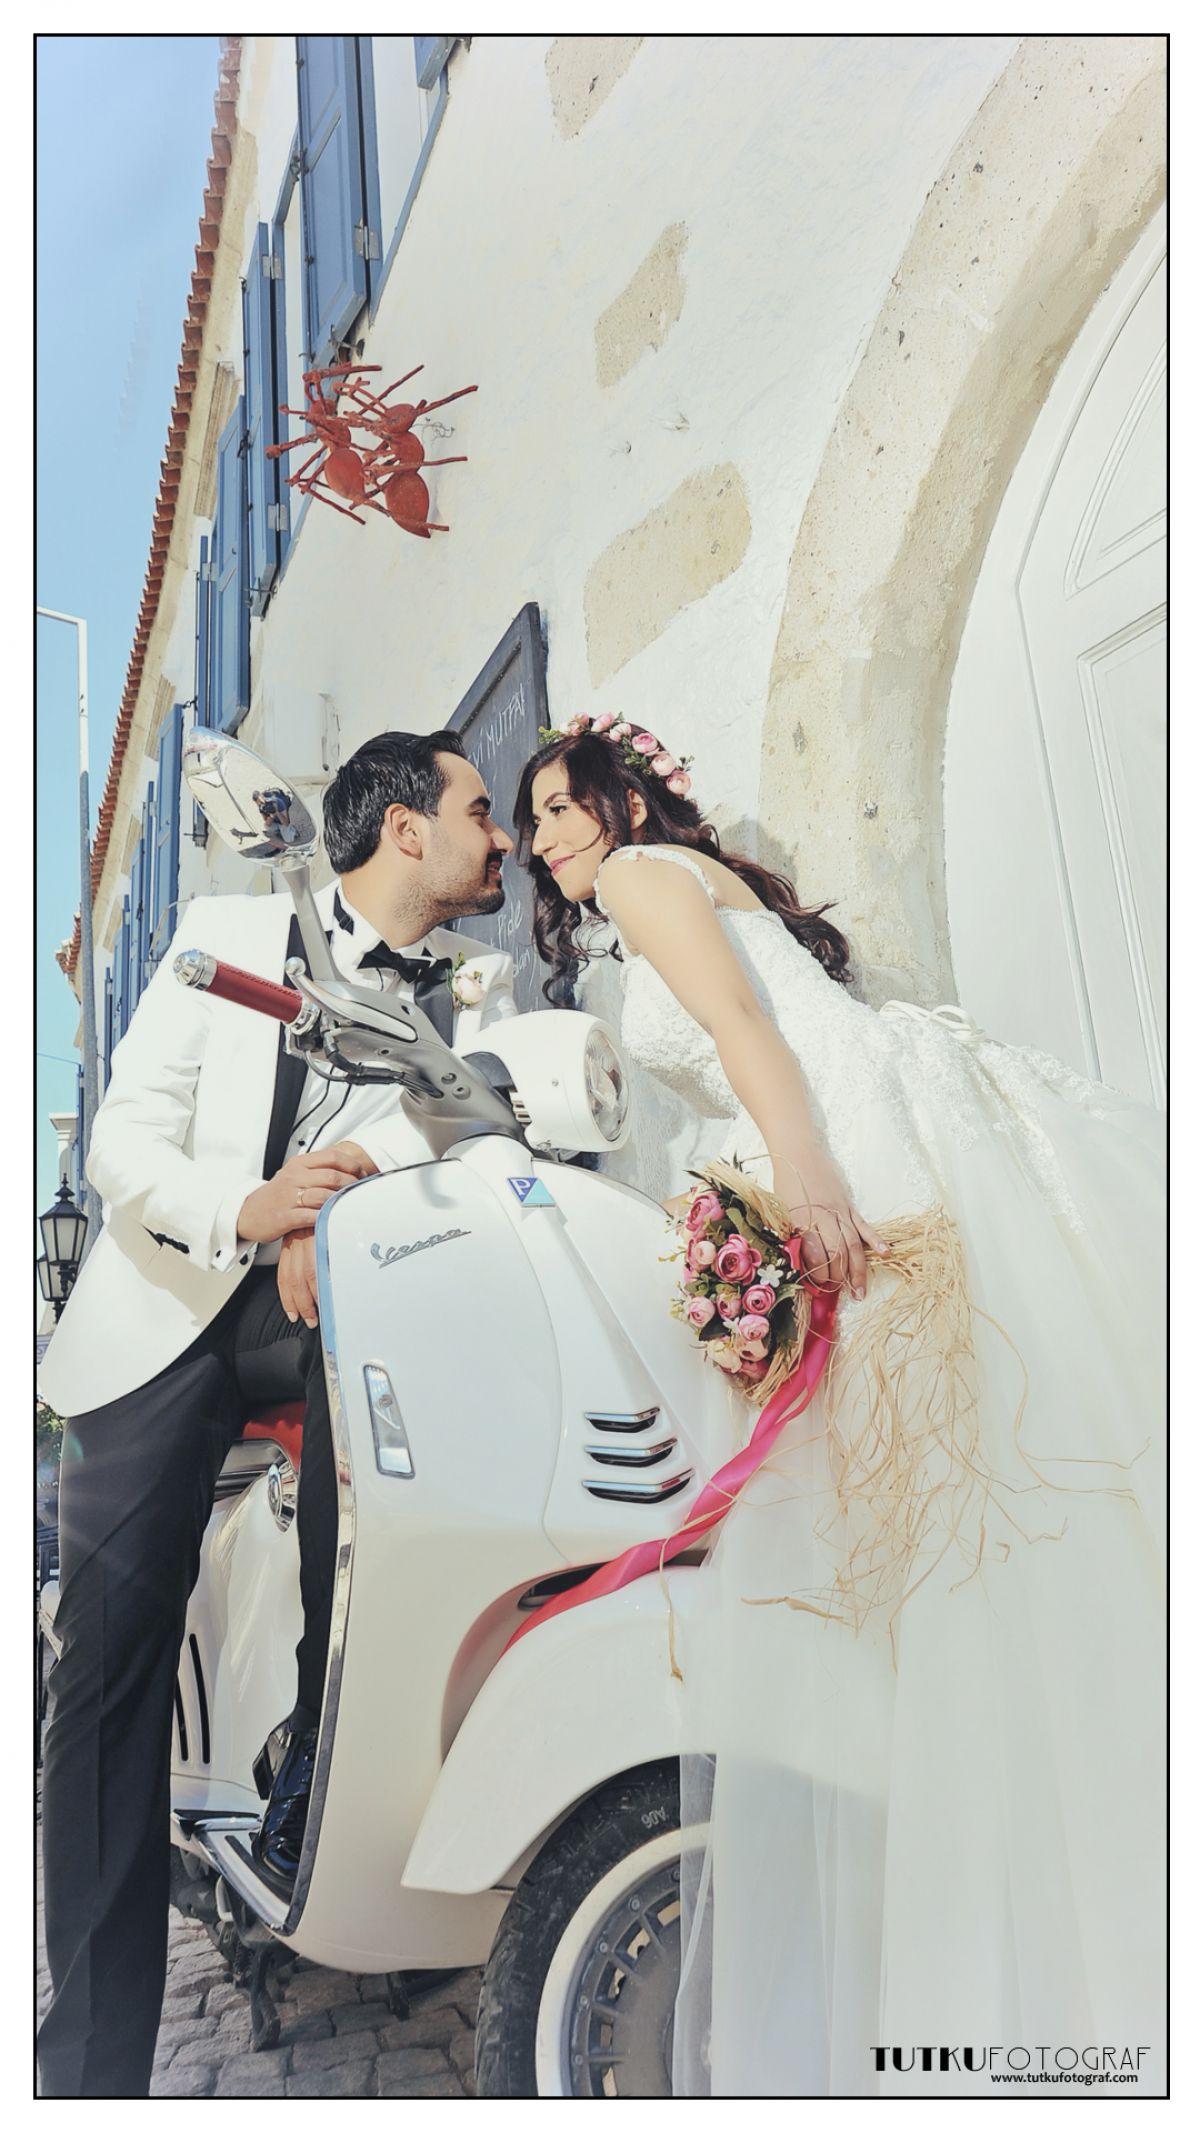 Alaçatı Düğün Albümü Çekimi-Alacati-Dugun-Fotografi-Dis-Mekan-Fotograf-Albumu-Cekimi-2